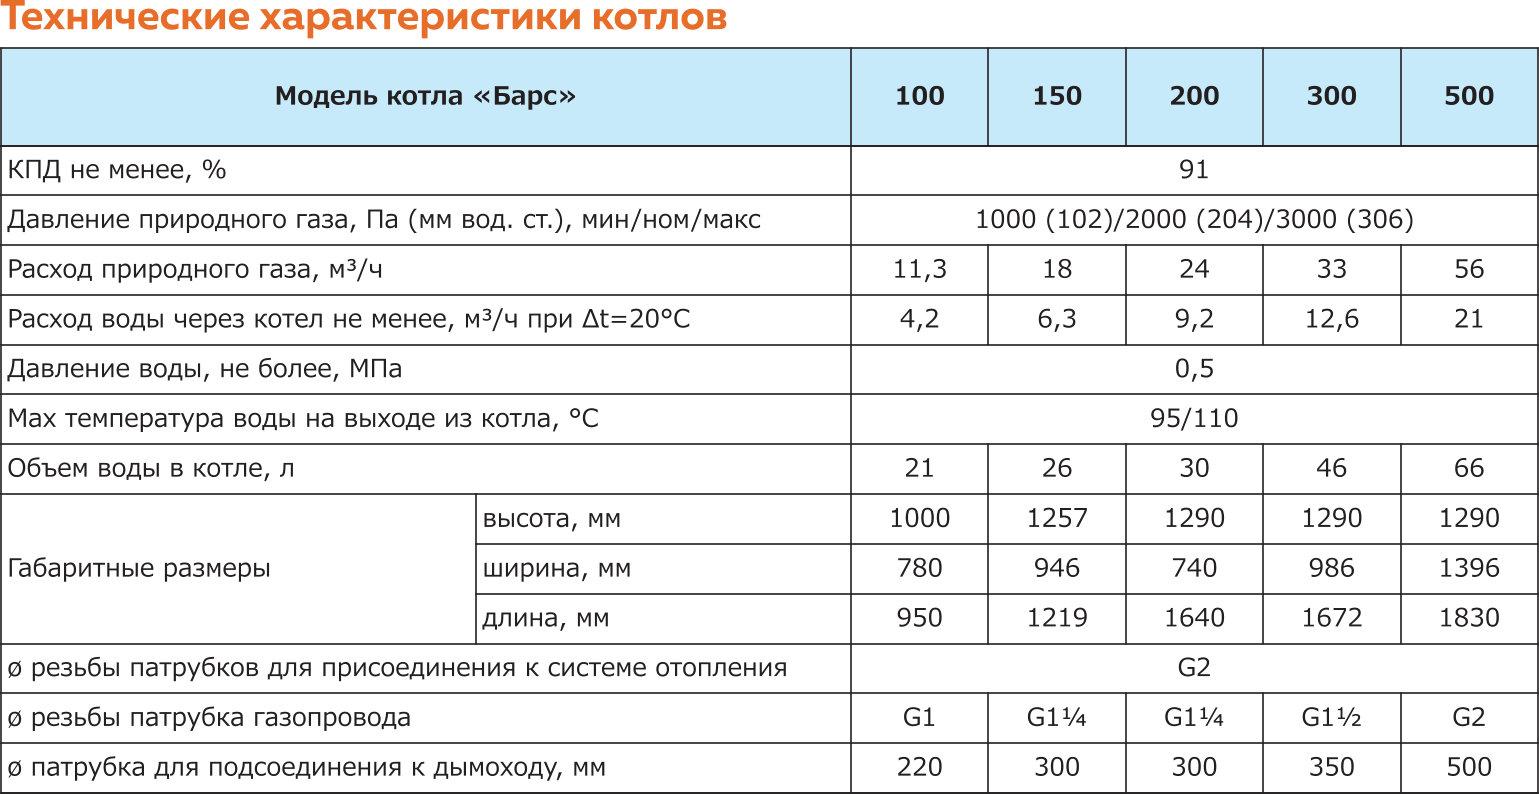 Продажа котлов Барс, Крым, Севастополь, Ялта, Симферополь